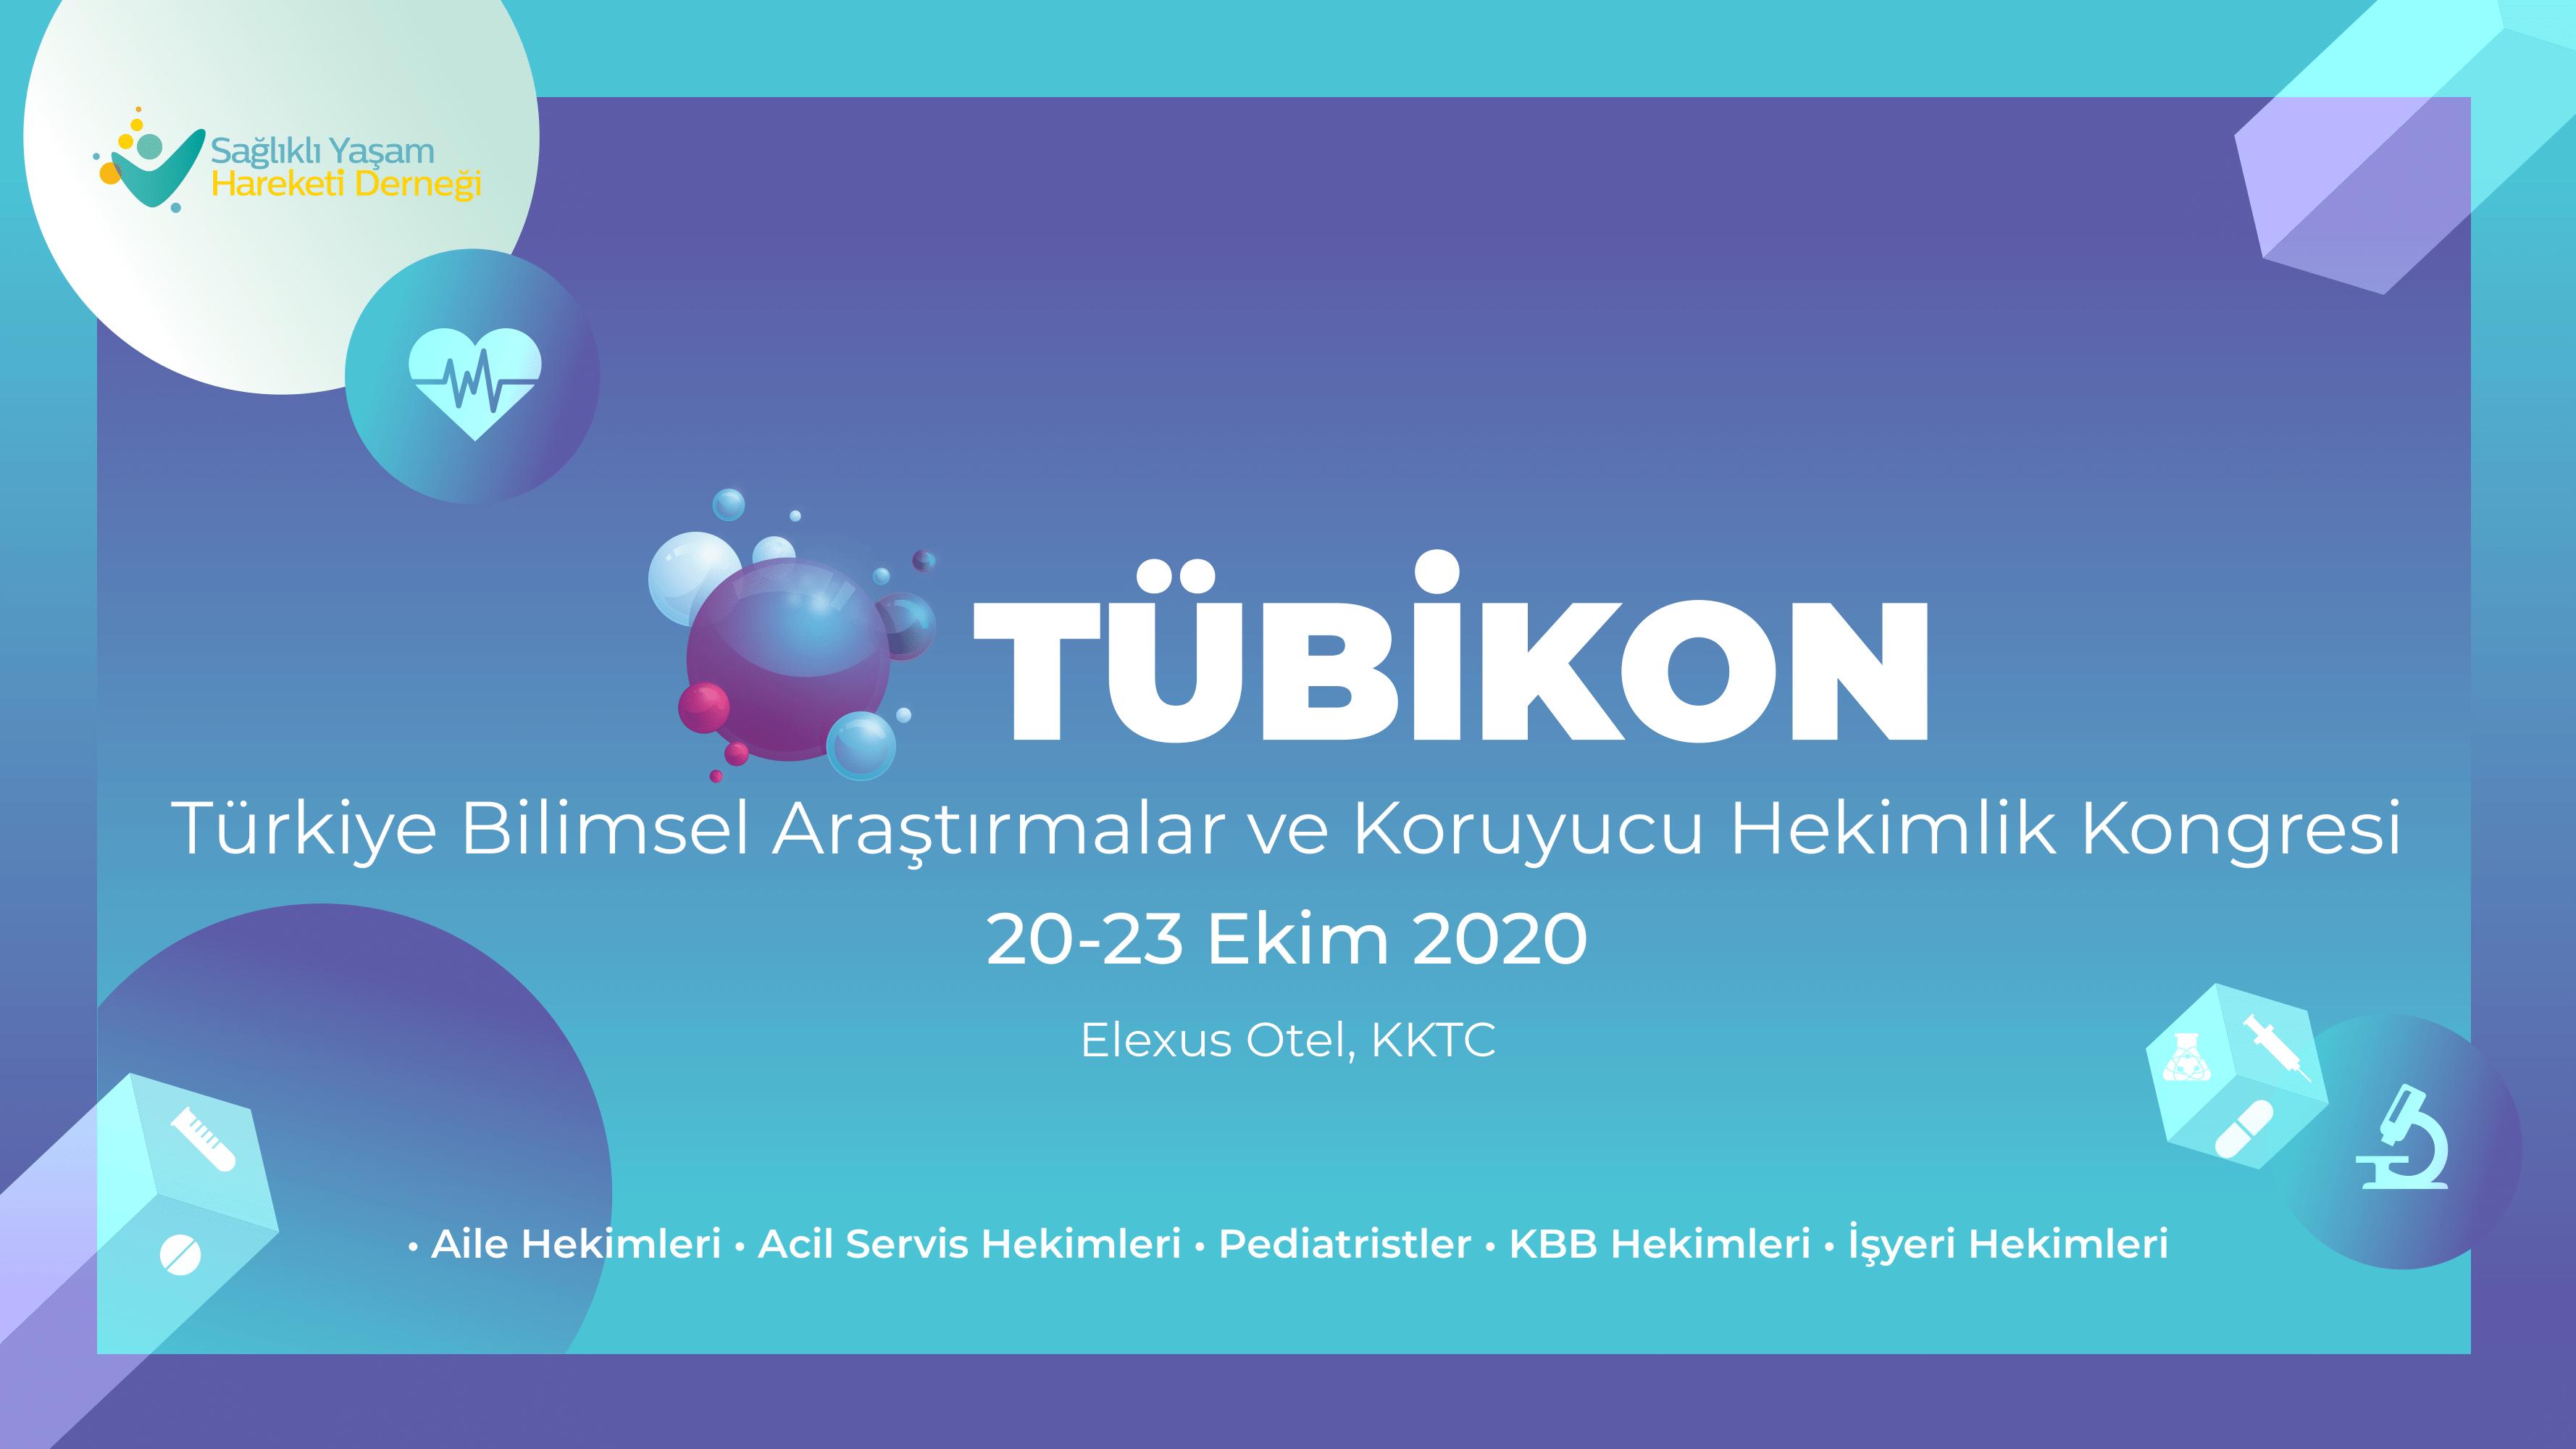 TÜBİKON 2020 – Türkiye Bilimsel Araştırmalar ve Koruyucu Hekimlik Kongresi